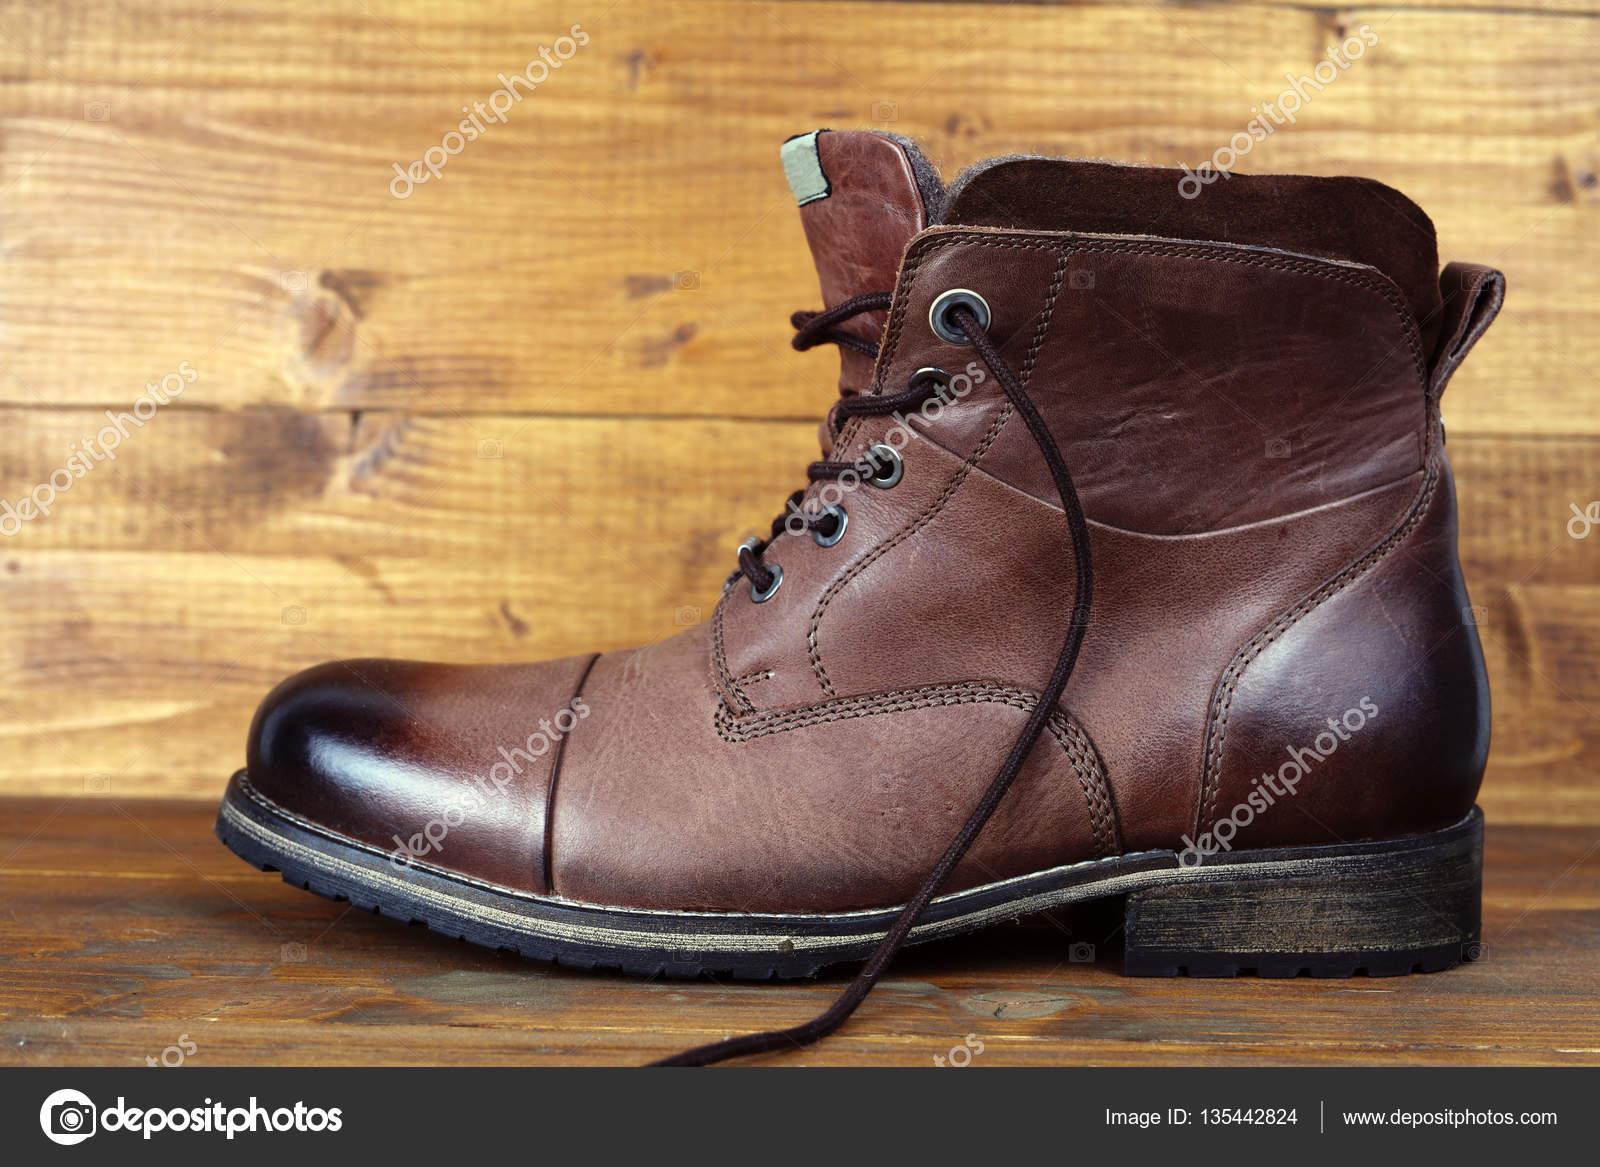 38f67057 Коричневая кожа зимние высокие сапоги мужские, ботинки на старинных  деревянных фоне– Стоковое изображение